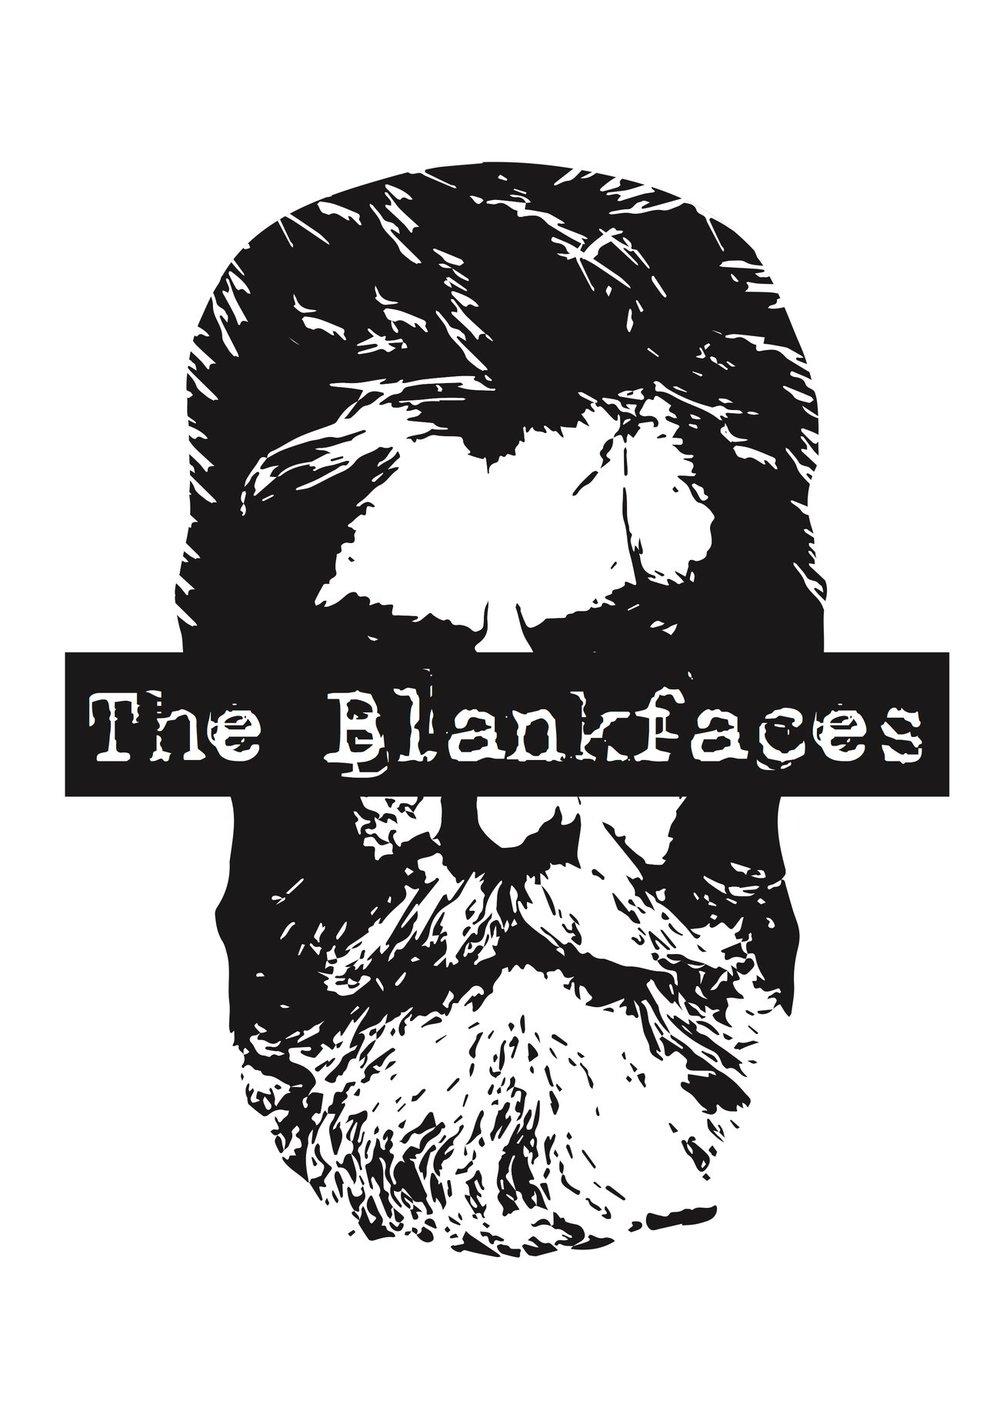 www.theblankfaces.co.uk